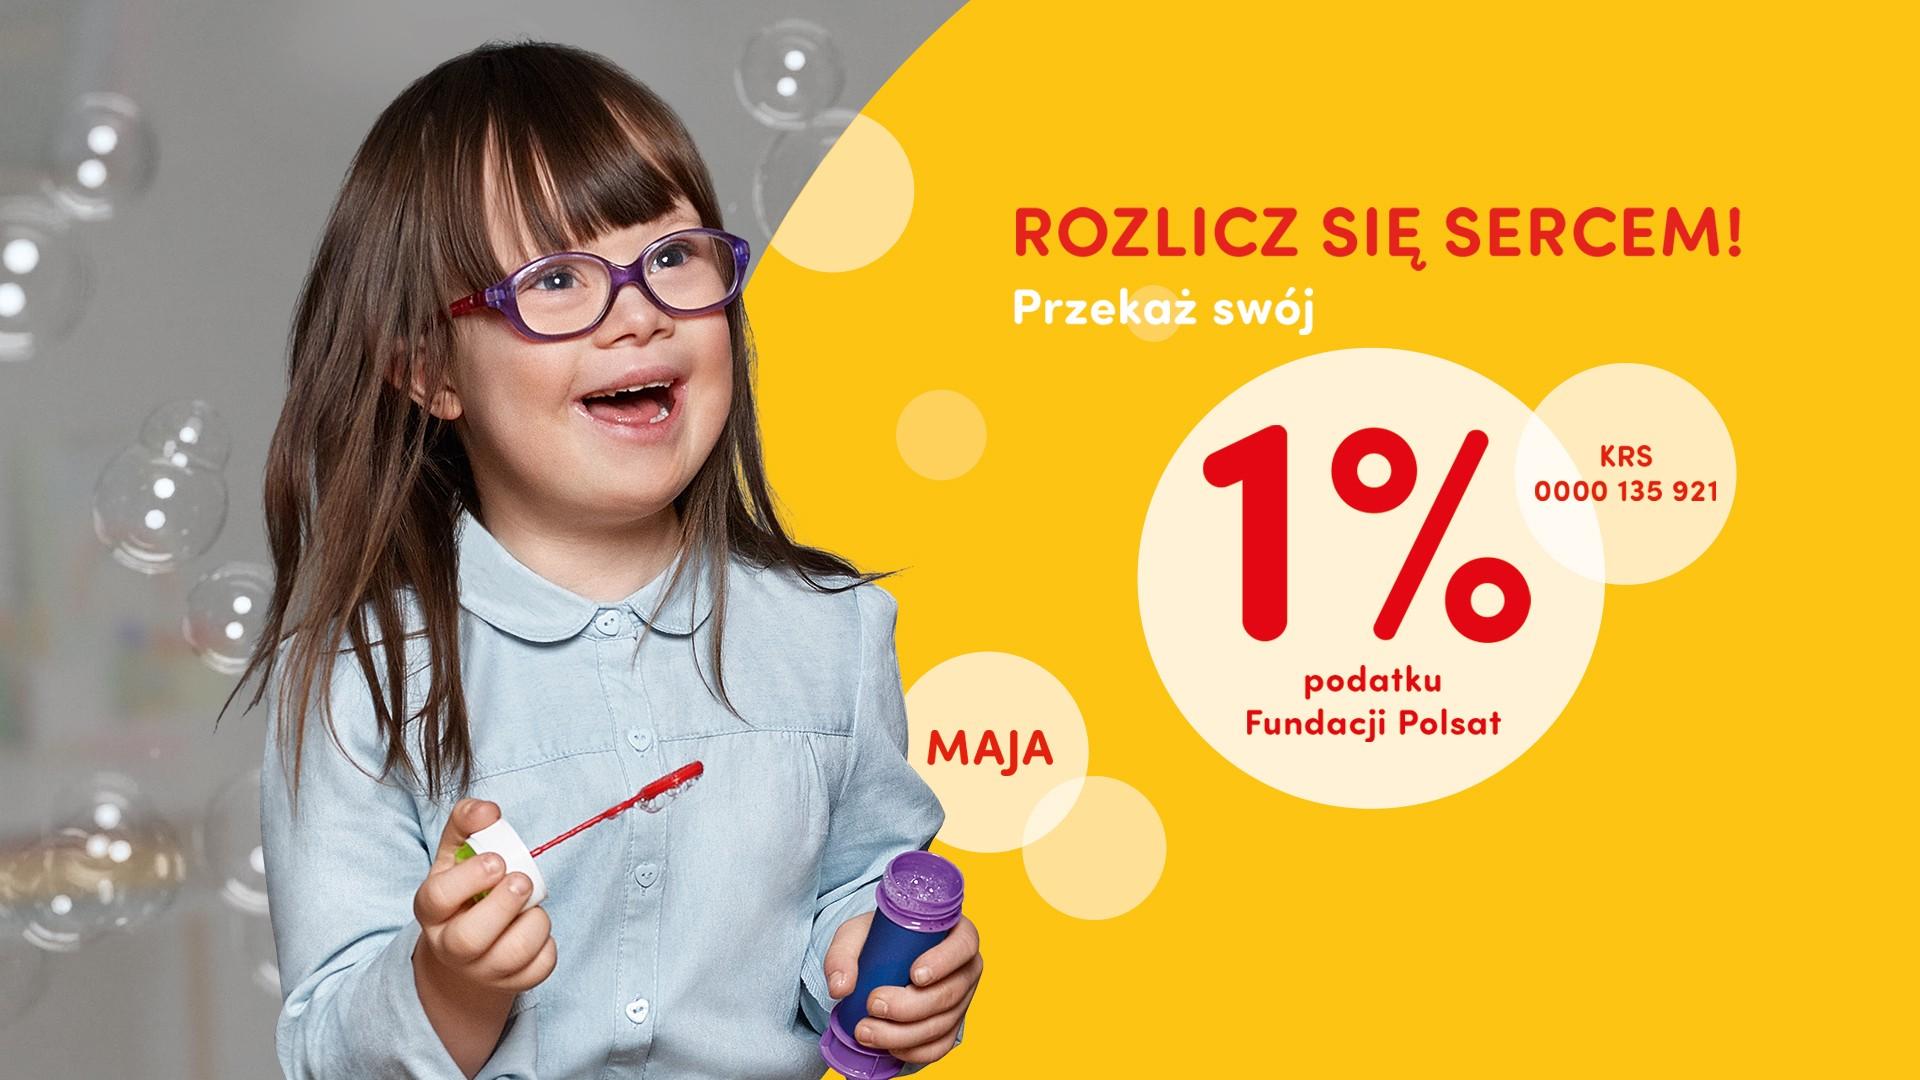 Każdy może pomóc podopiecznym Fundacji Polsat